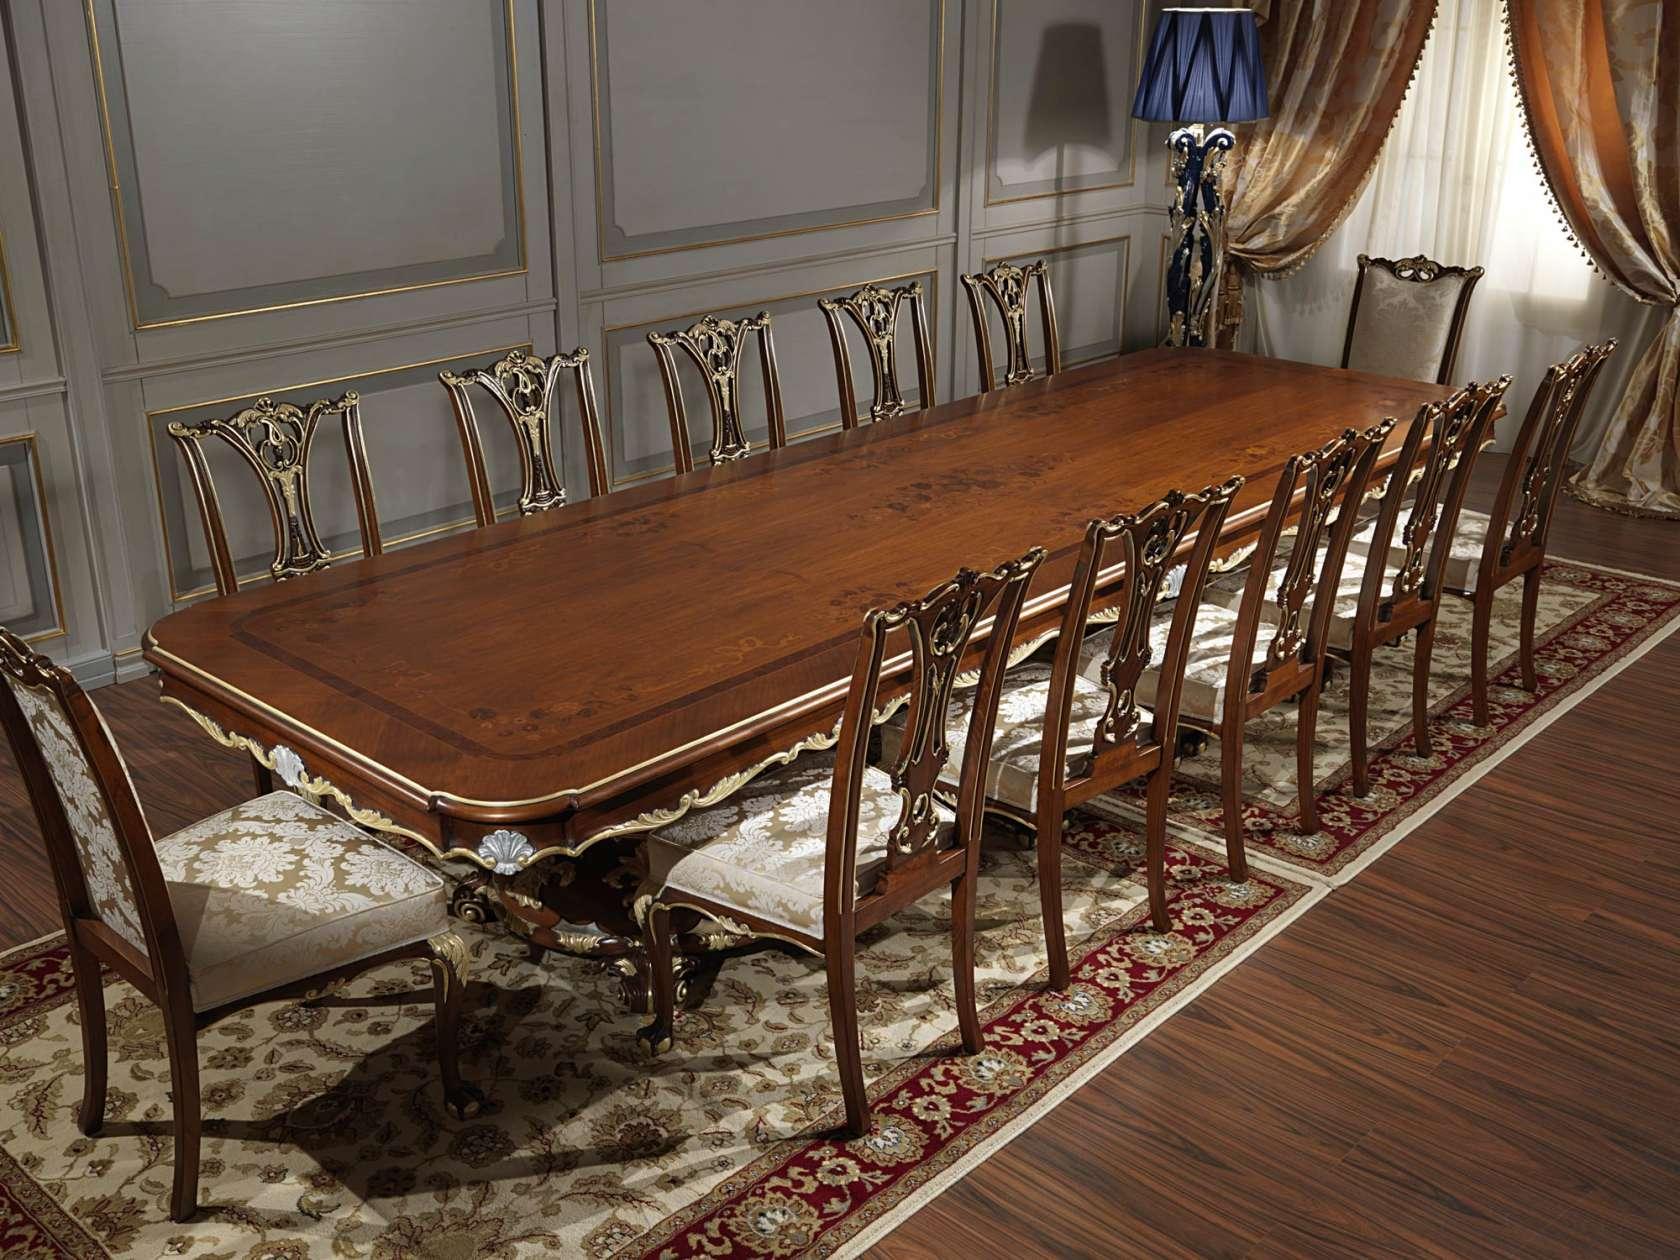 Tavoli Da Pranzo Classici : Tavolo classico soggiorno in stile luigi xv vimercati meda